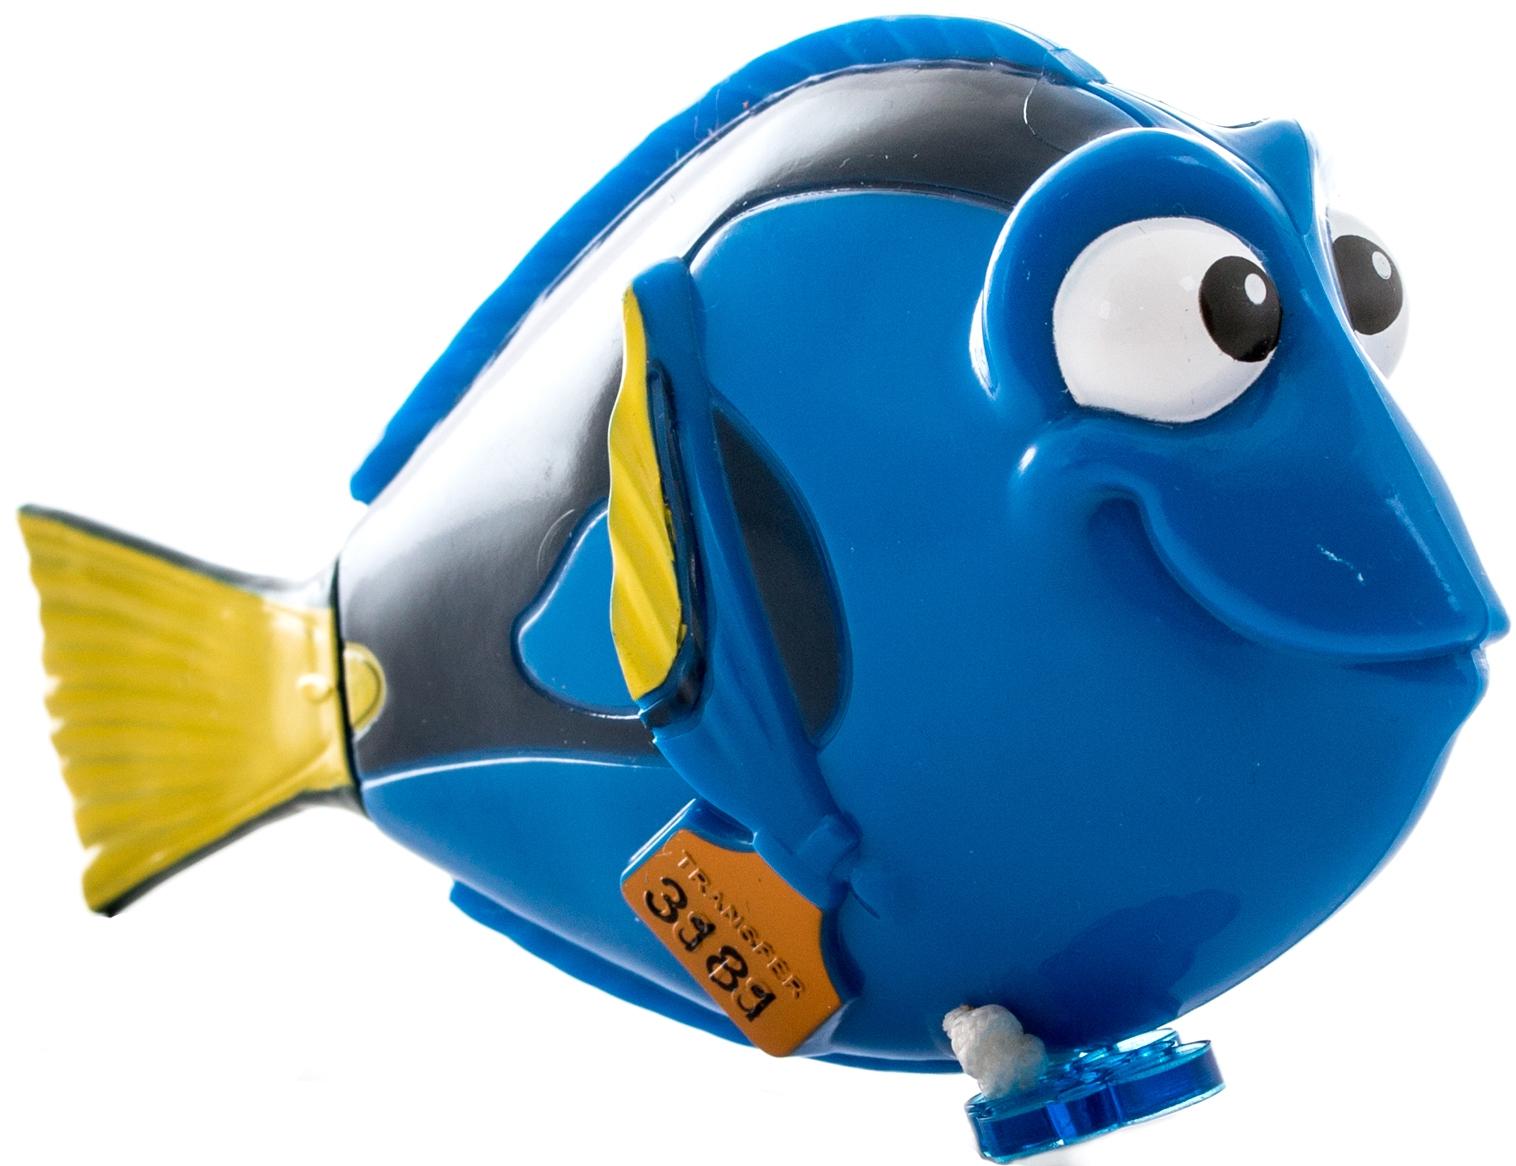 Фигурки героев мультфильмов Finding Dory В поисках Дори 15см finding dory 36530 в поисках дори плюшевый подводный обитатель с озвучиванием в ассортименте